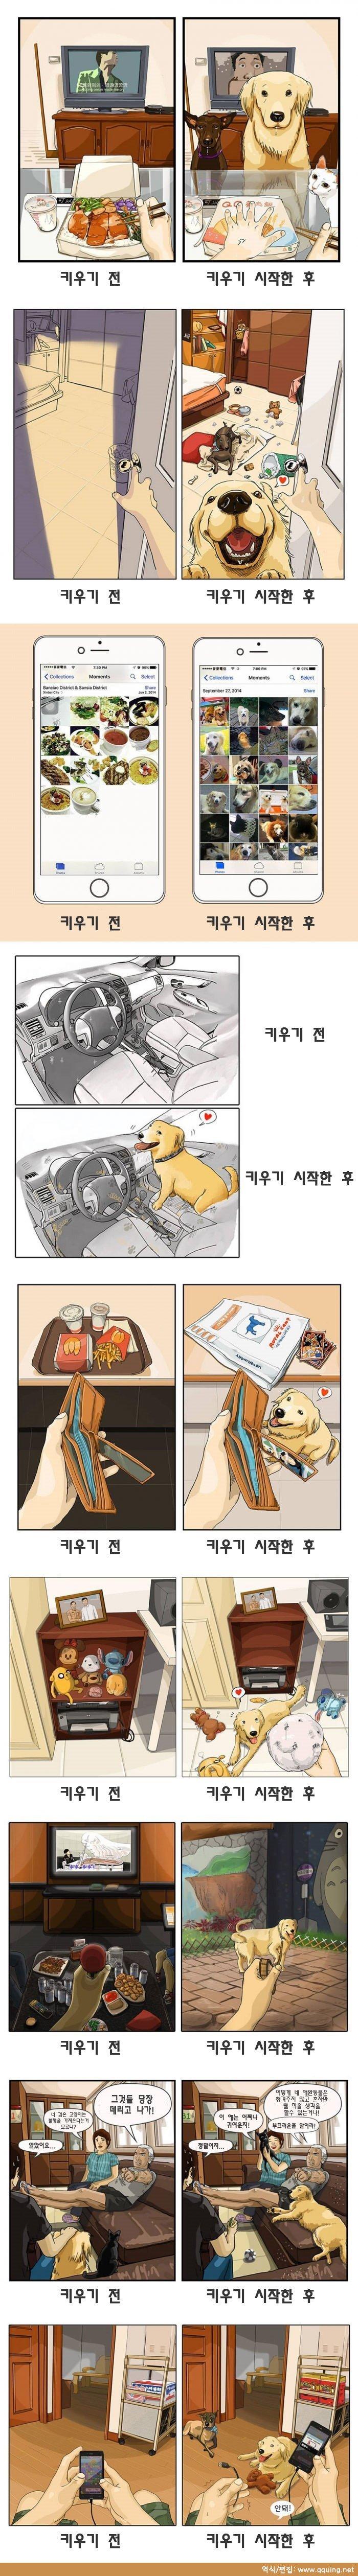 전 후.jpg 반려동물 키우기 전과 후